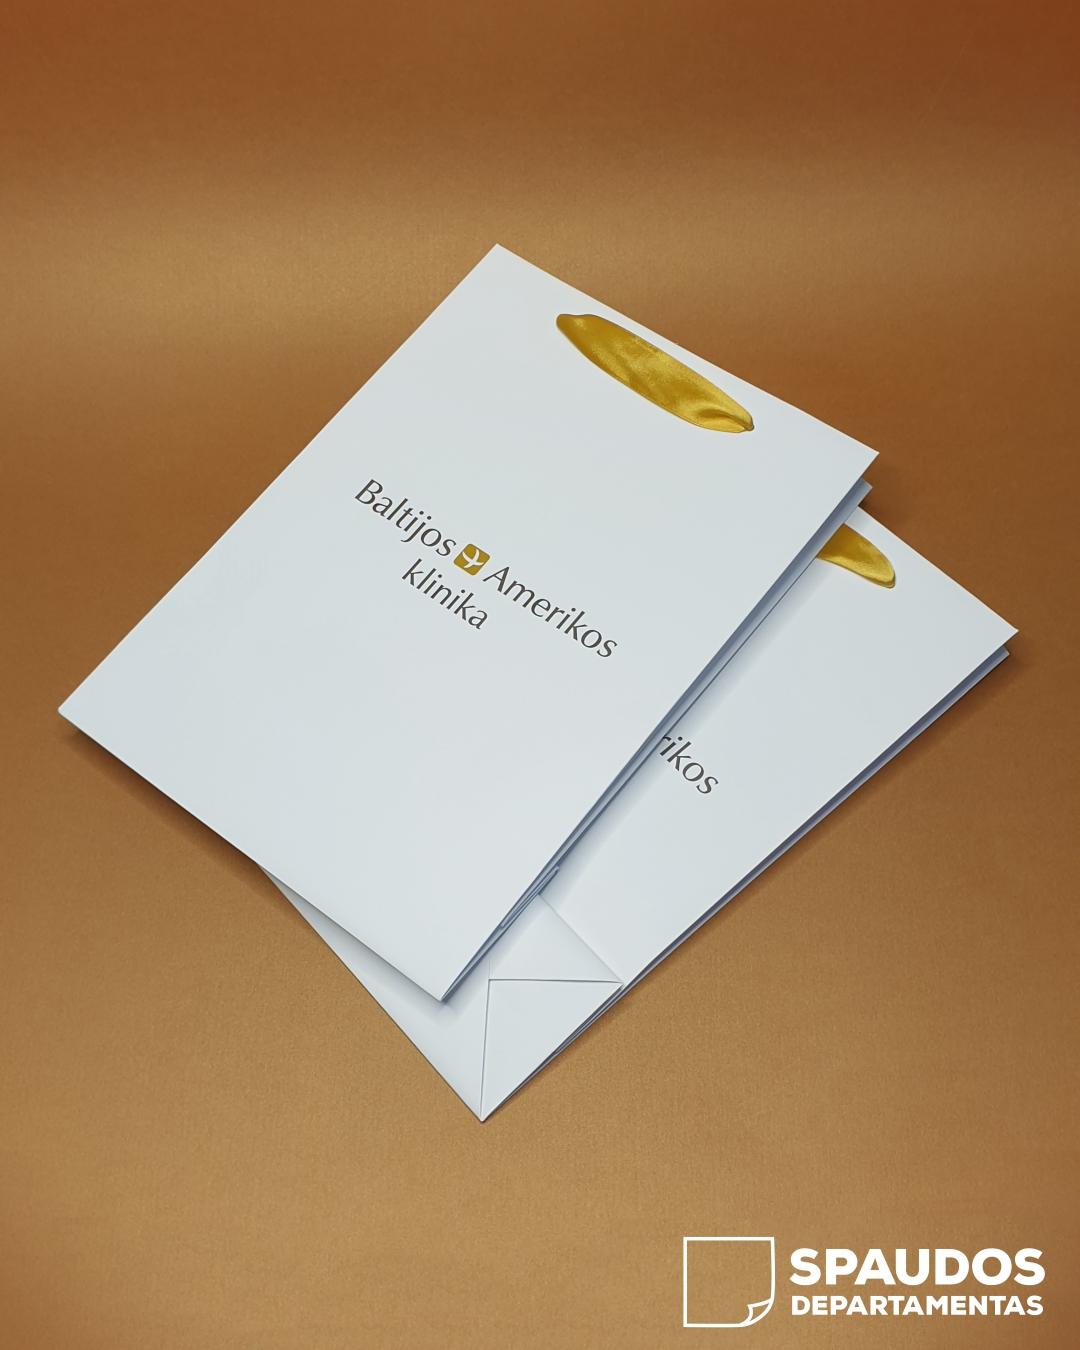 Baltijos amerikos klinika popieriniai maišeliai